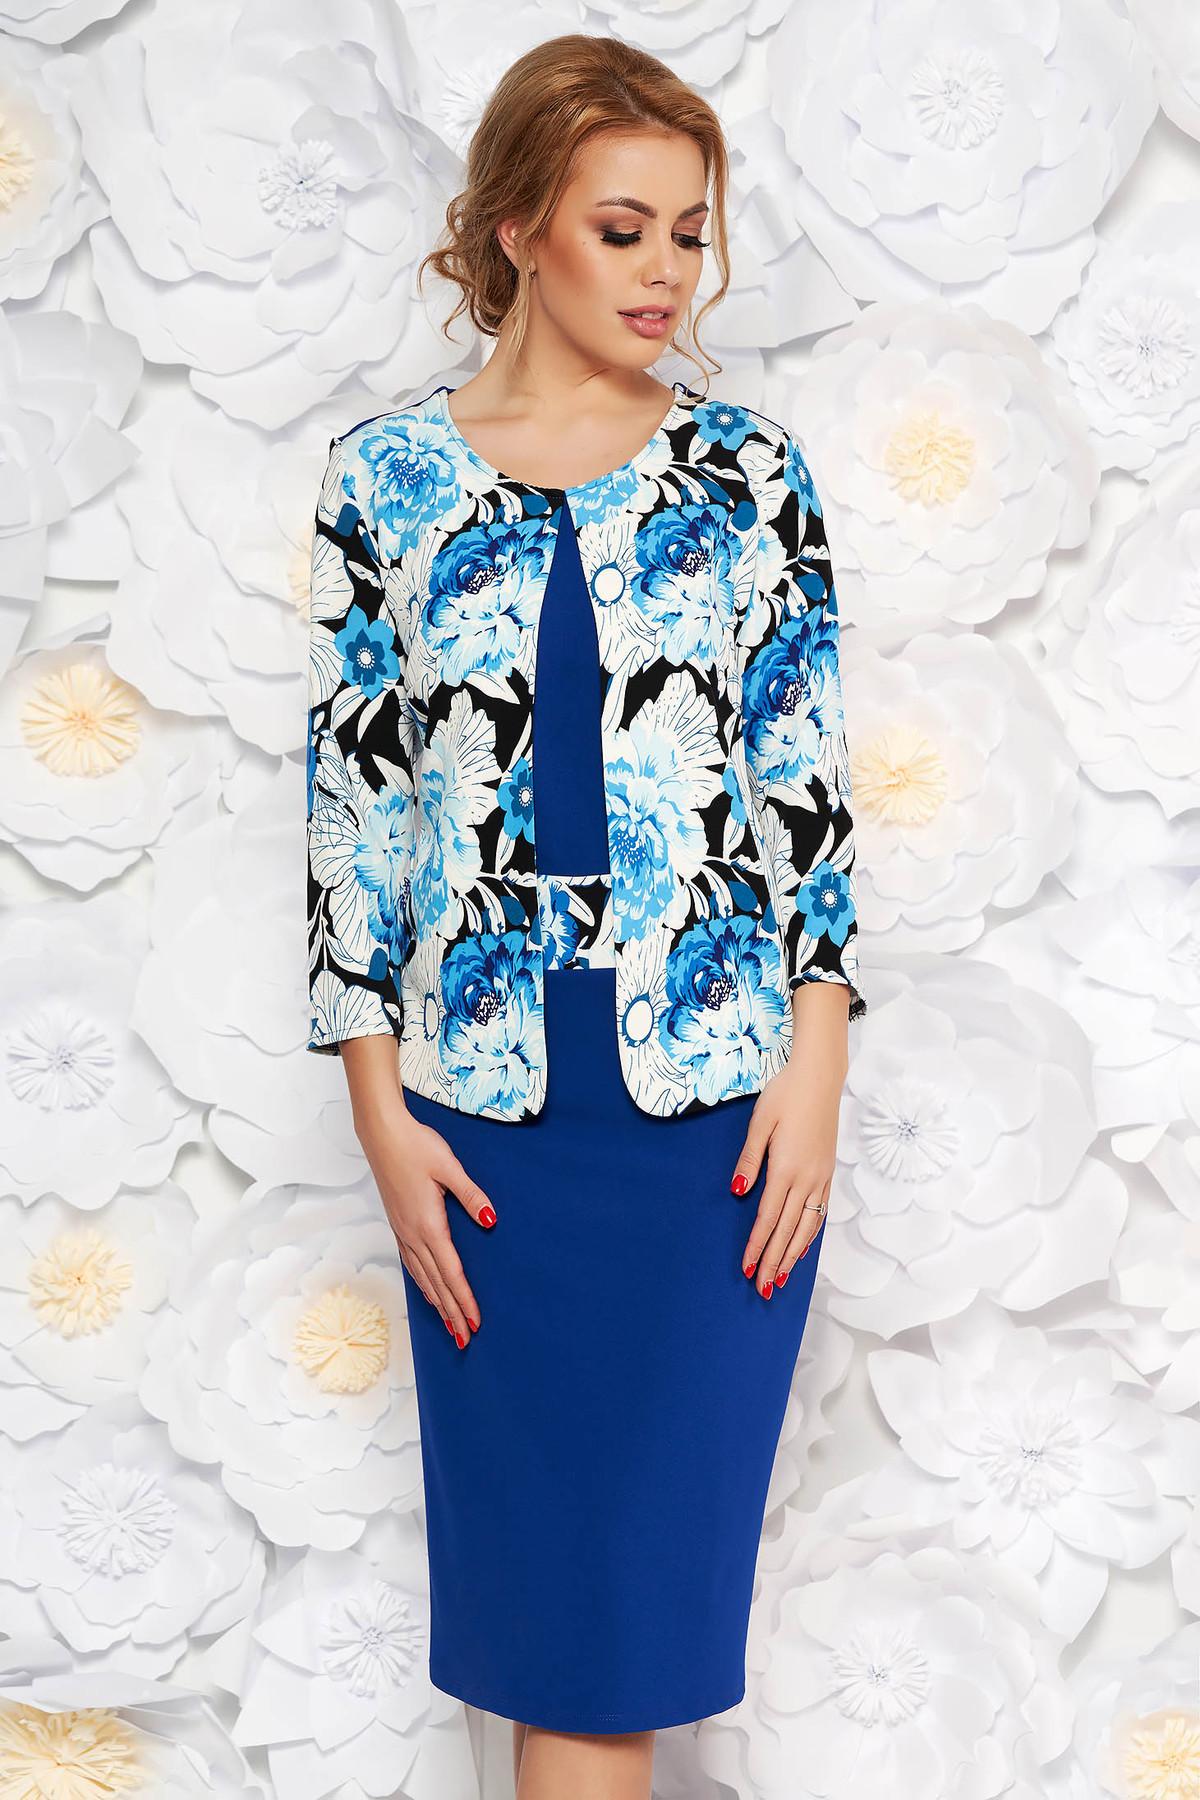 Rochie albastra eleganta midi tip creion din material usor elastic cu imprimeuri florale